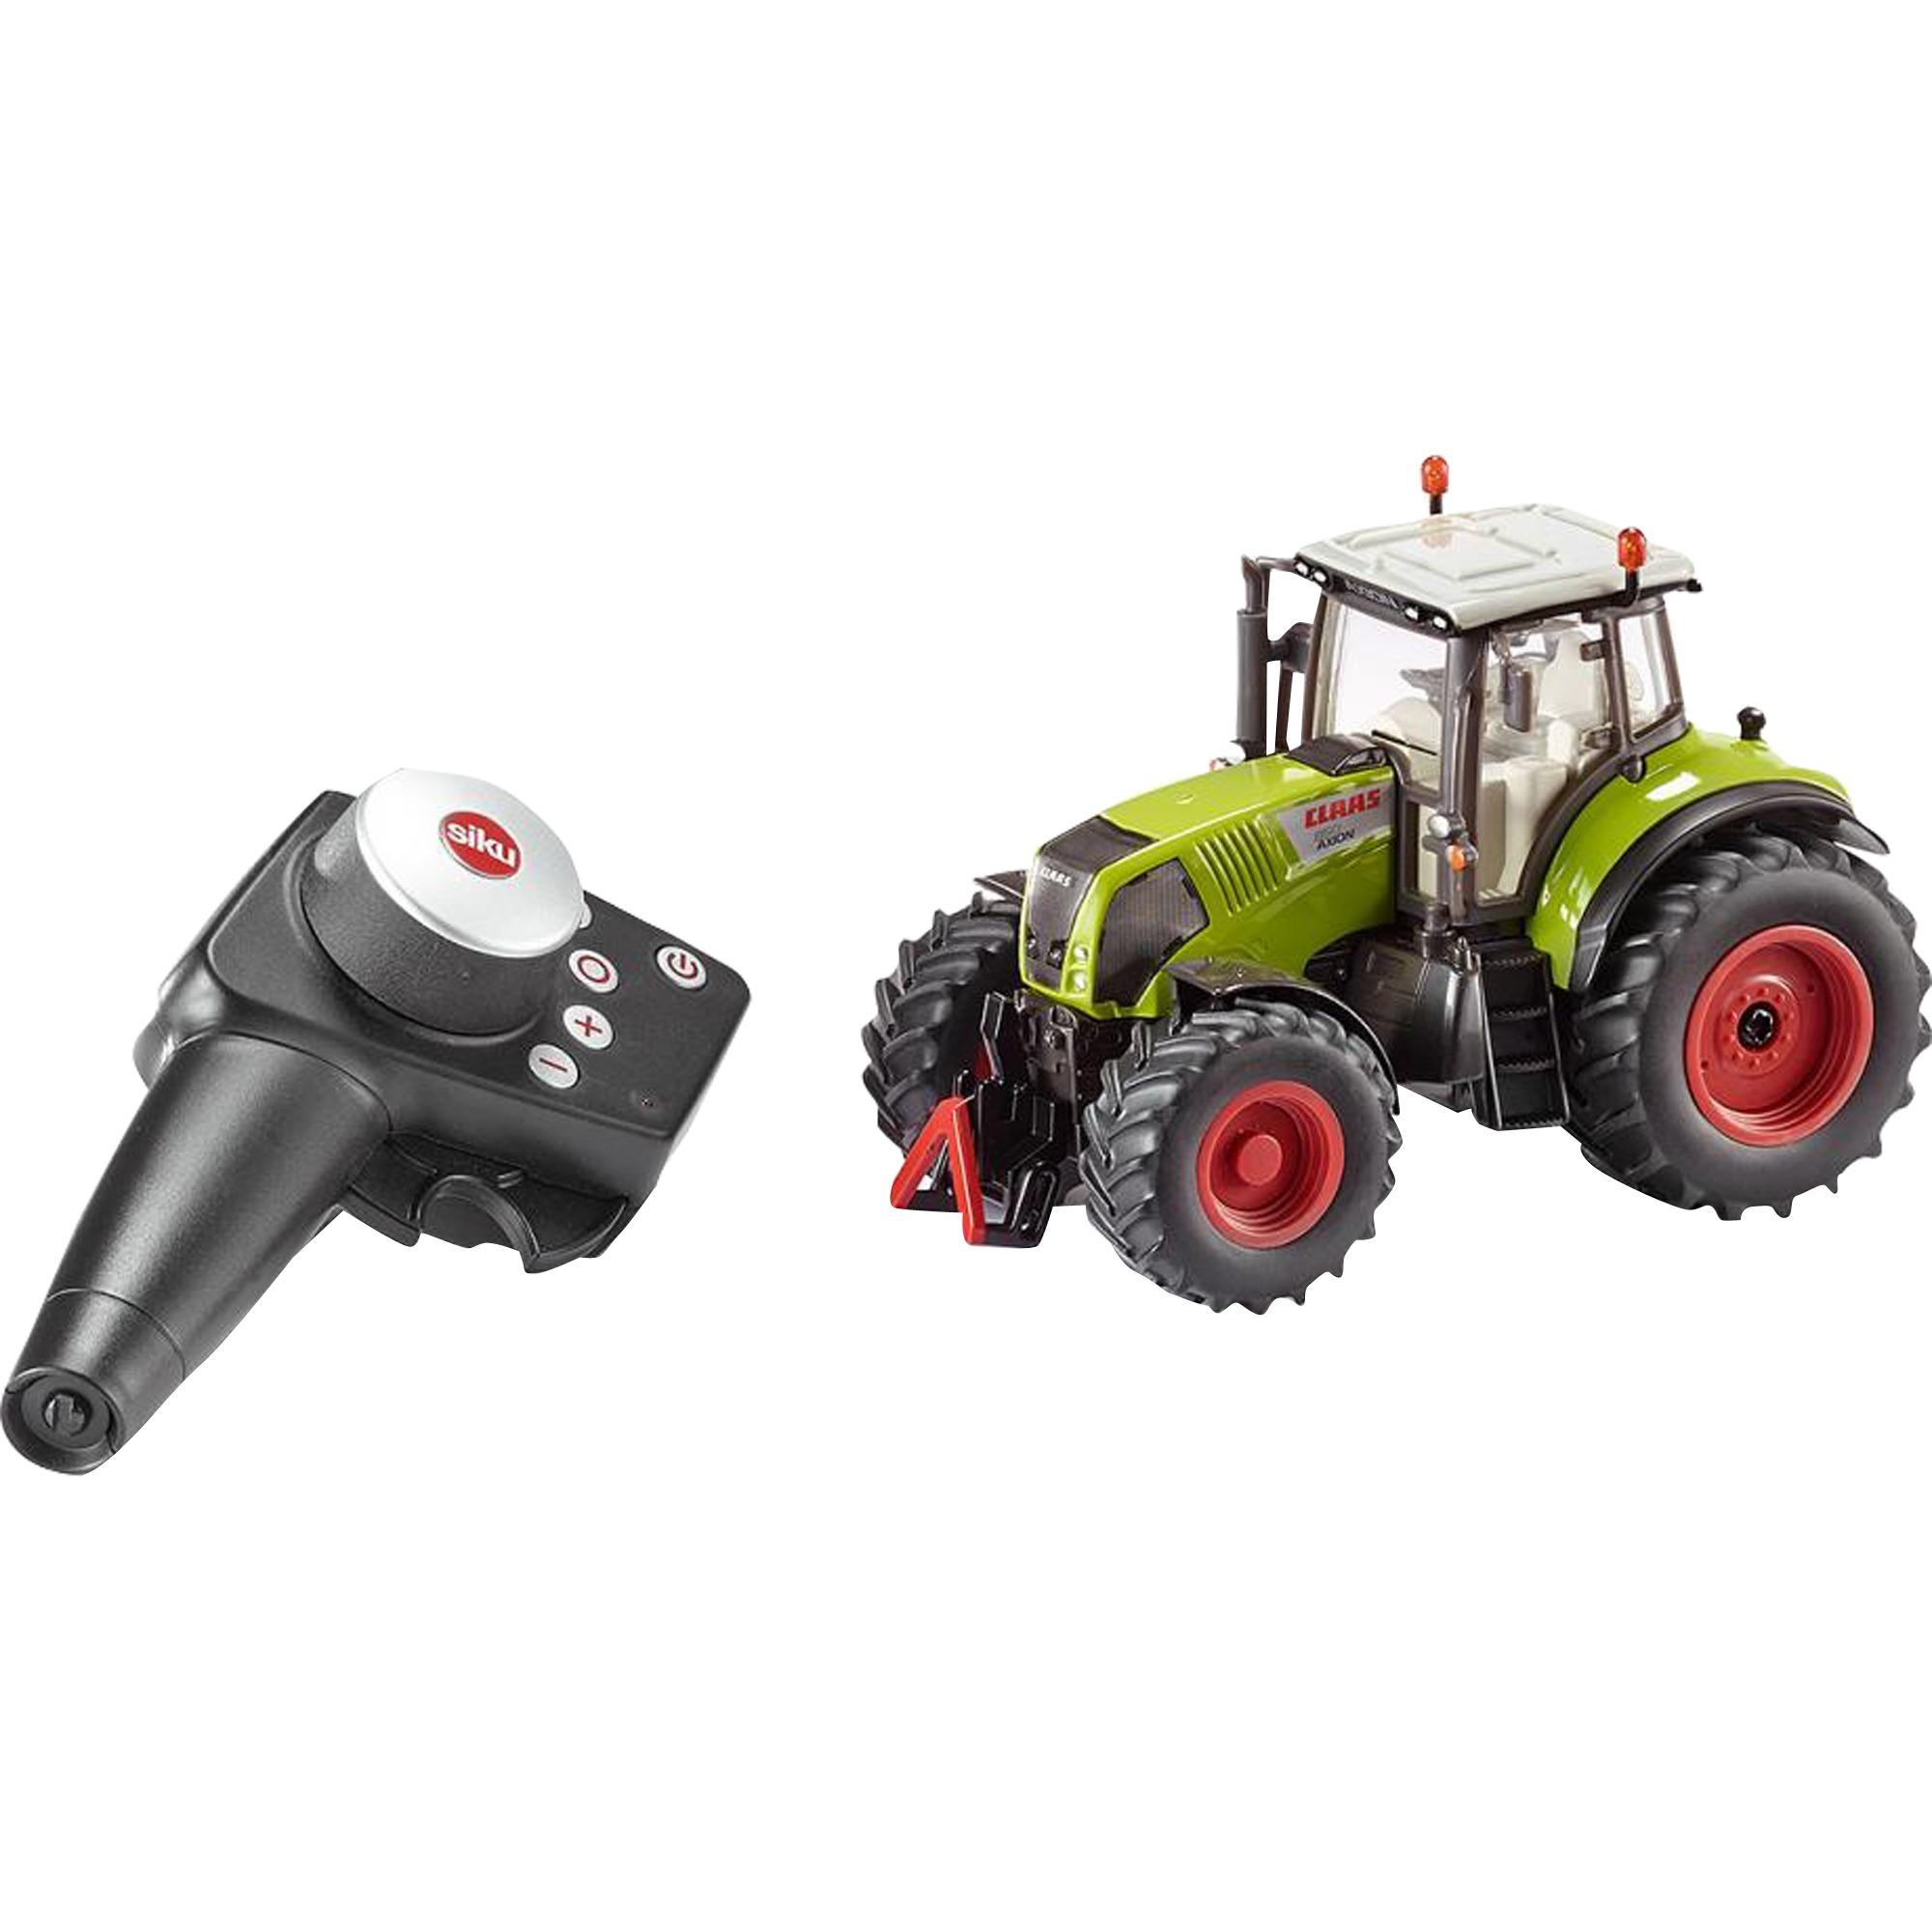 Class Axion 850 Modelo a escala de tractor 1:32, Radiocontrol